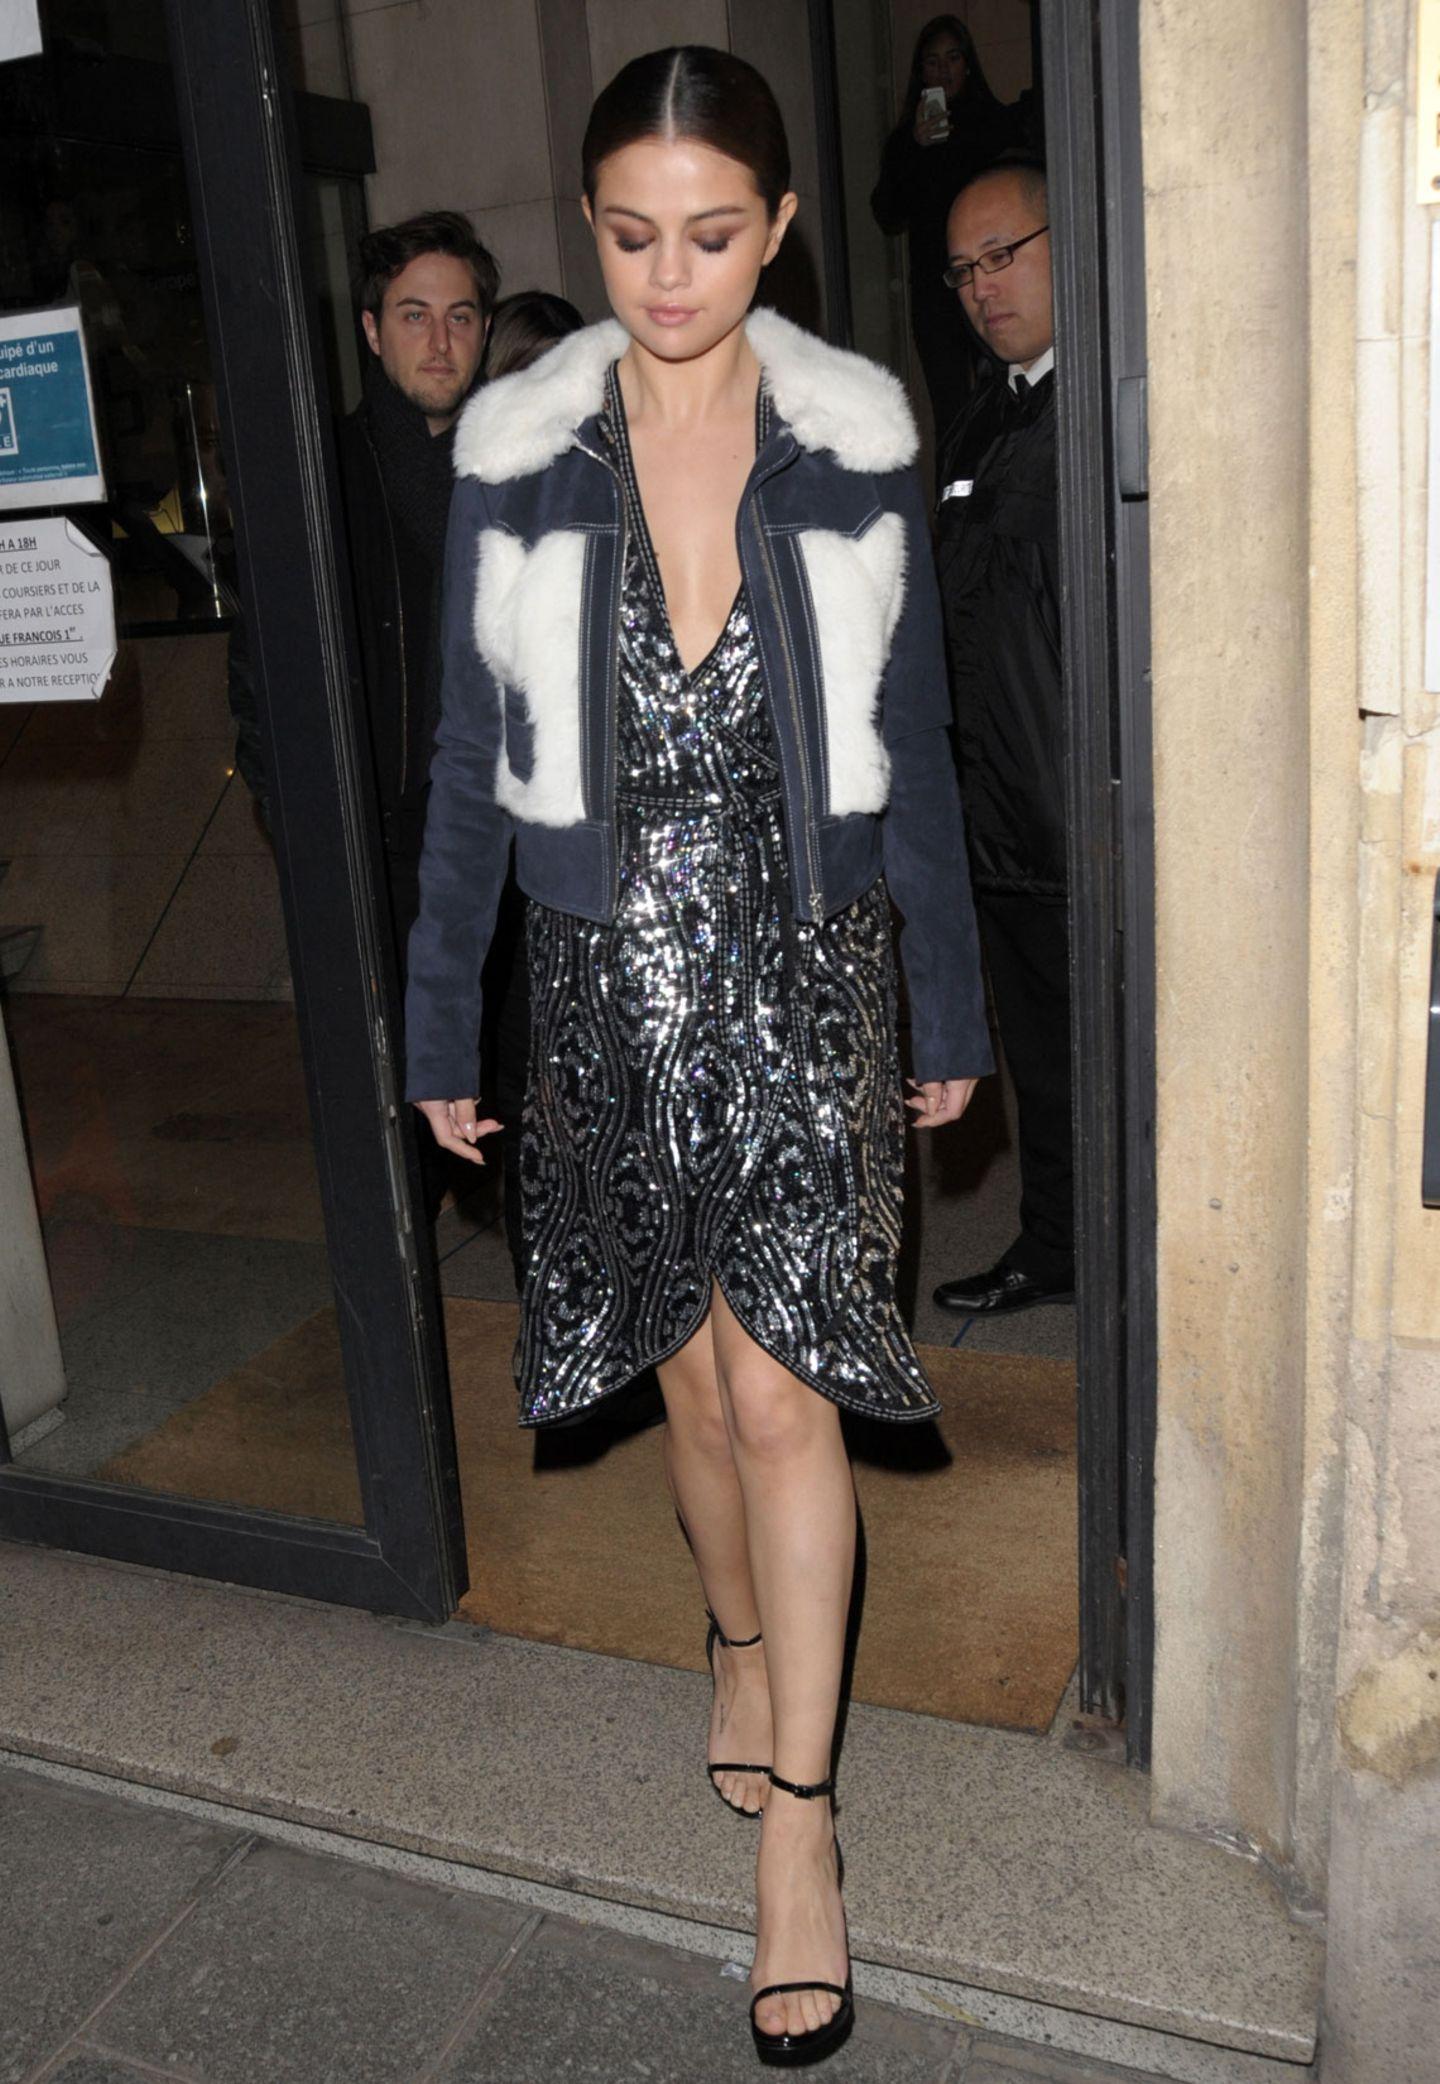 Trés chic - natürlich tritt der amerikanische Popstar in Paris mit einem Glitzerdress mit verführerischem Schlitz auf und streckt die Beine mit High Heels. Das Jäckchen hat sie einfach darüber geworfen.